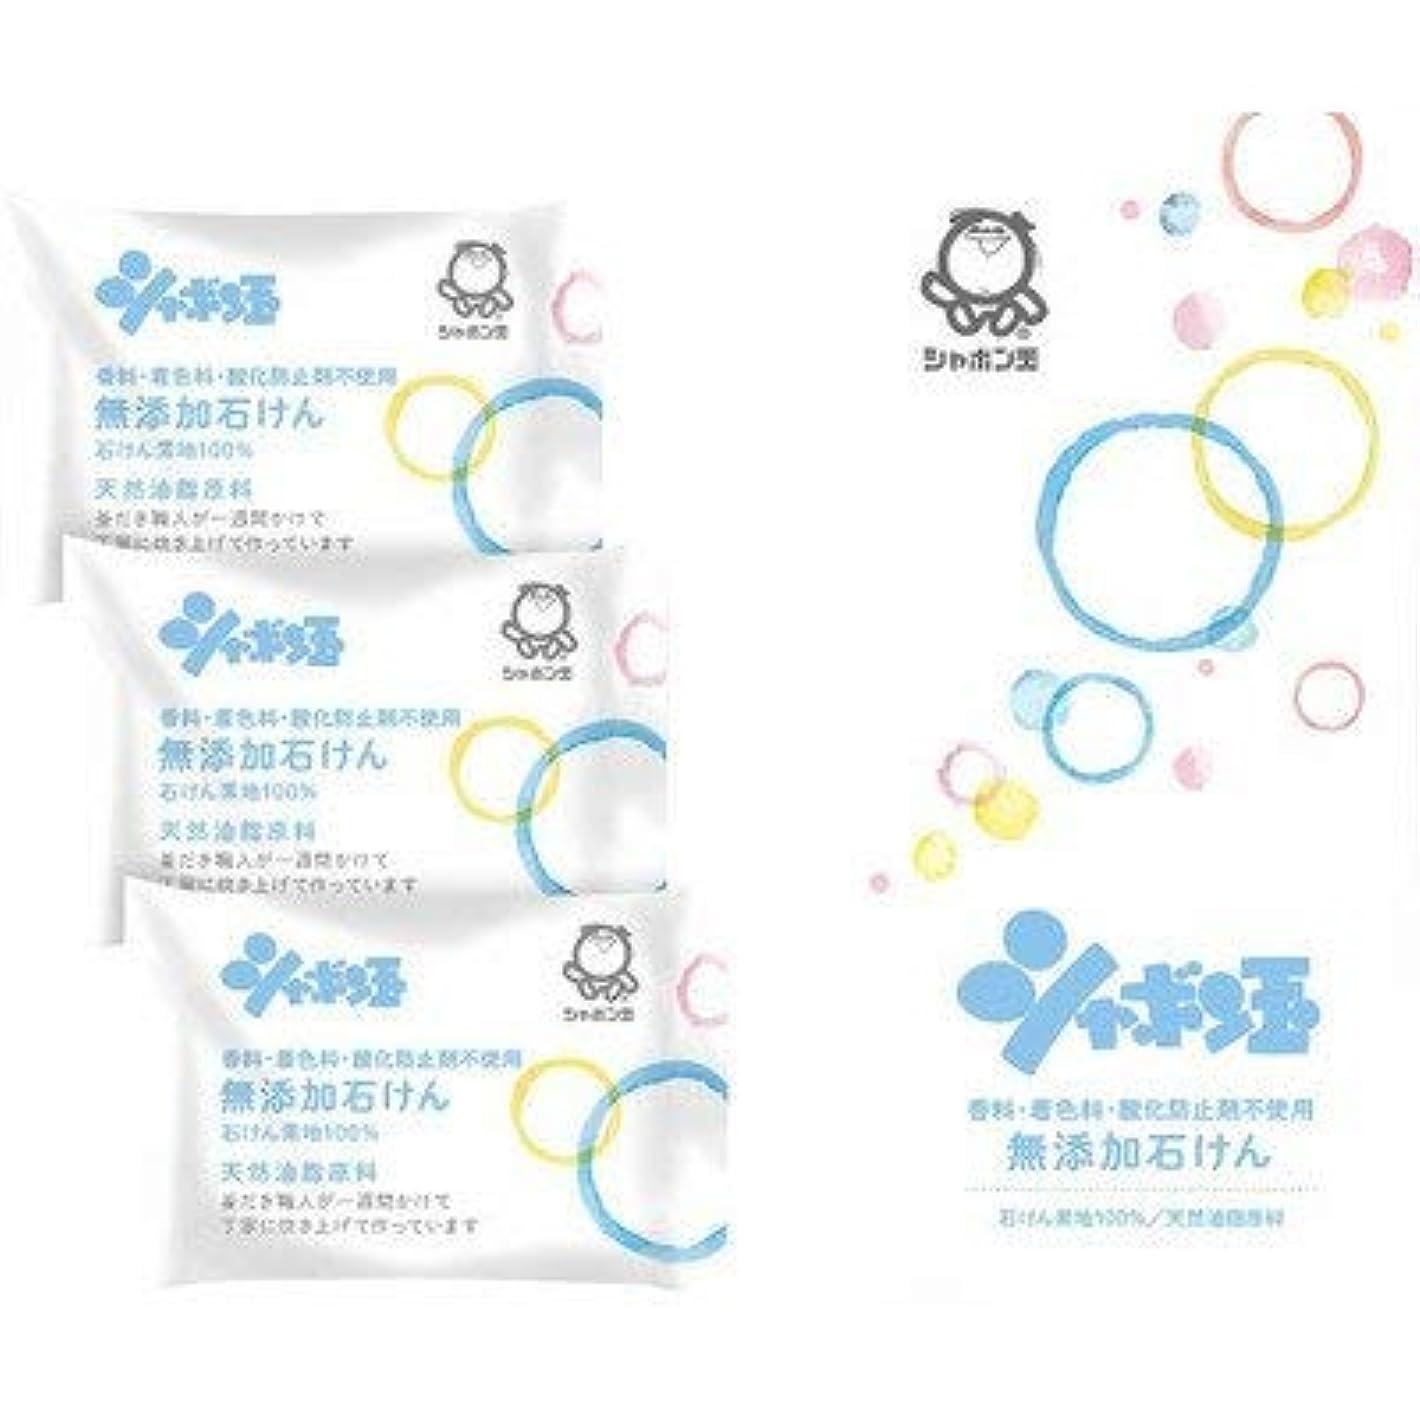 獣ナプキン無駄な【ギフトセット】 シャボン玉無添加石鹸ギフトセット SMG-5B